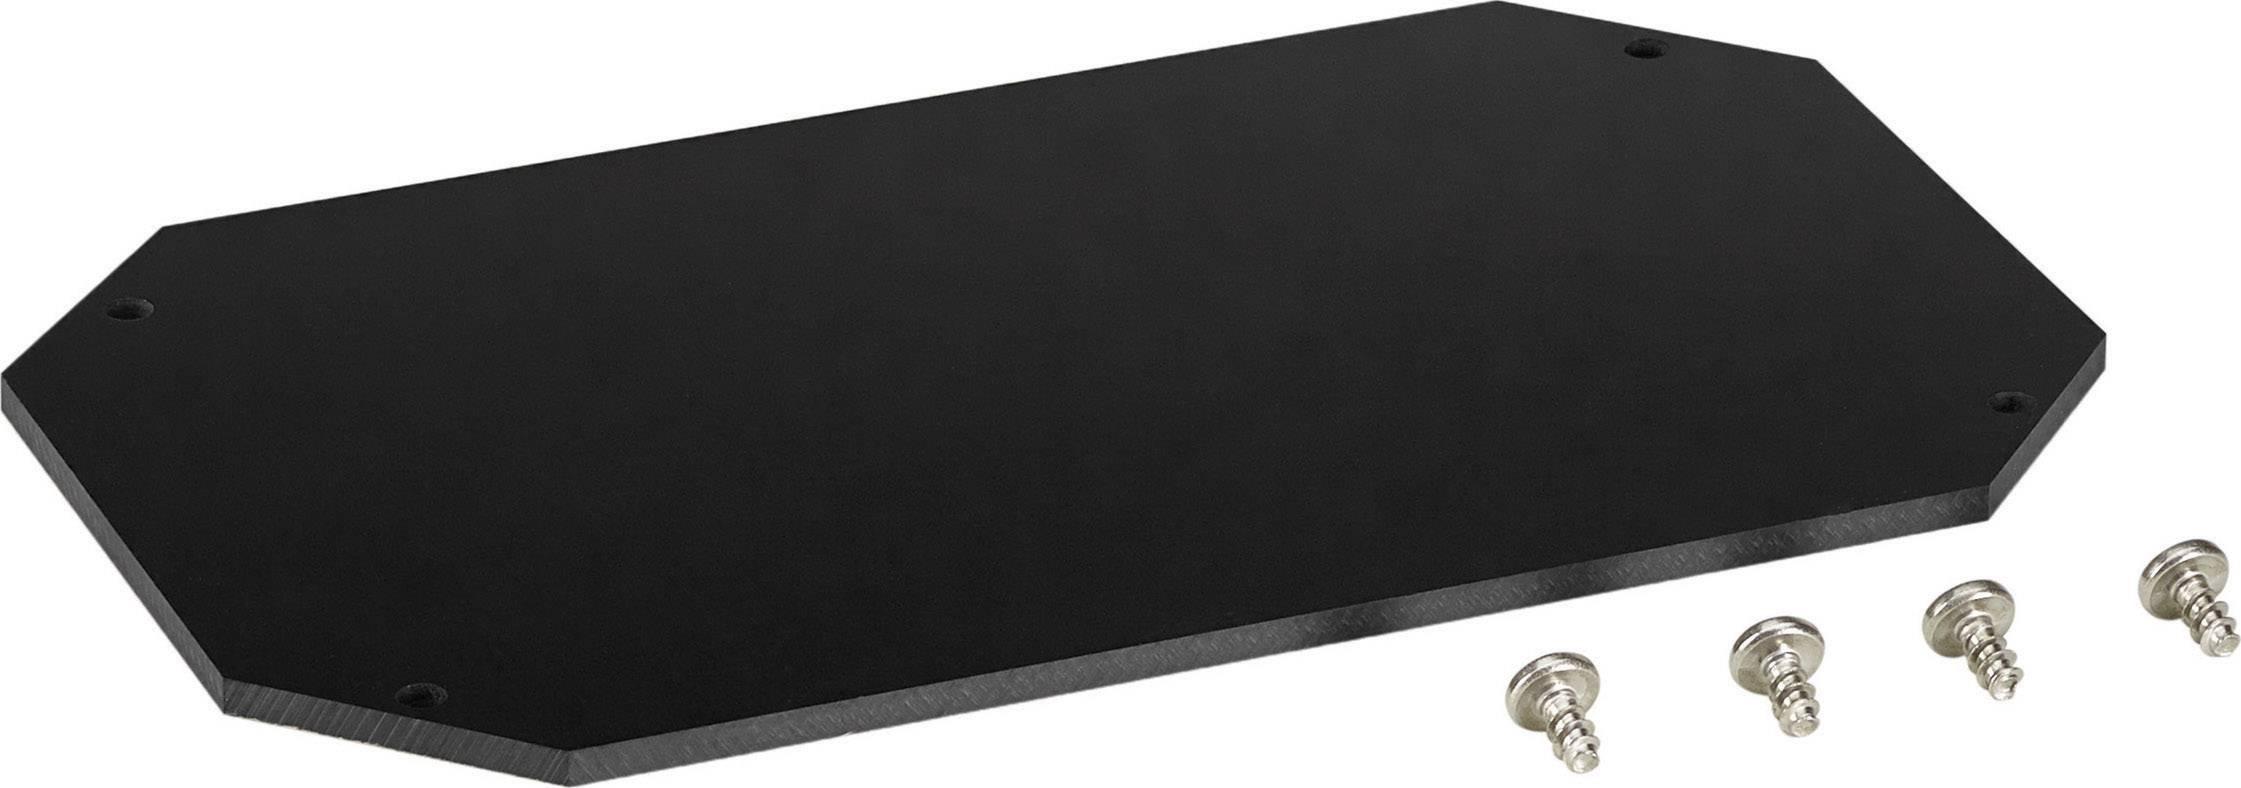 Montážna doska umelá hmota Fibox ARCA 8120743, (d x š) 400 mm x 300 mm